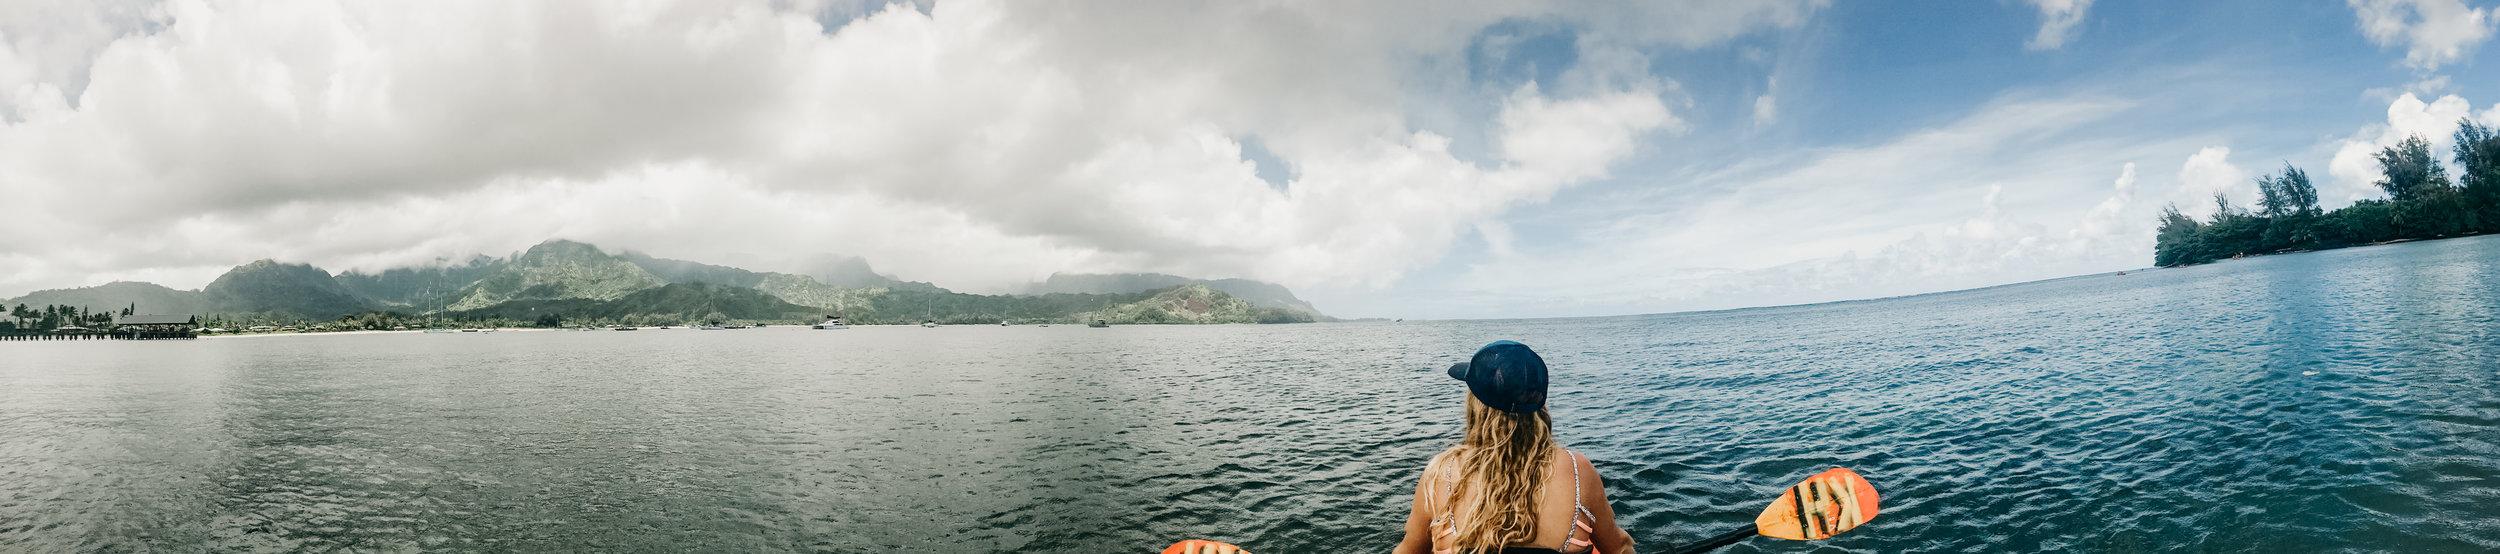 Hawaii133.jpg